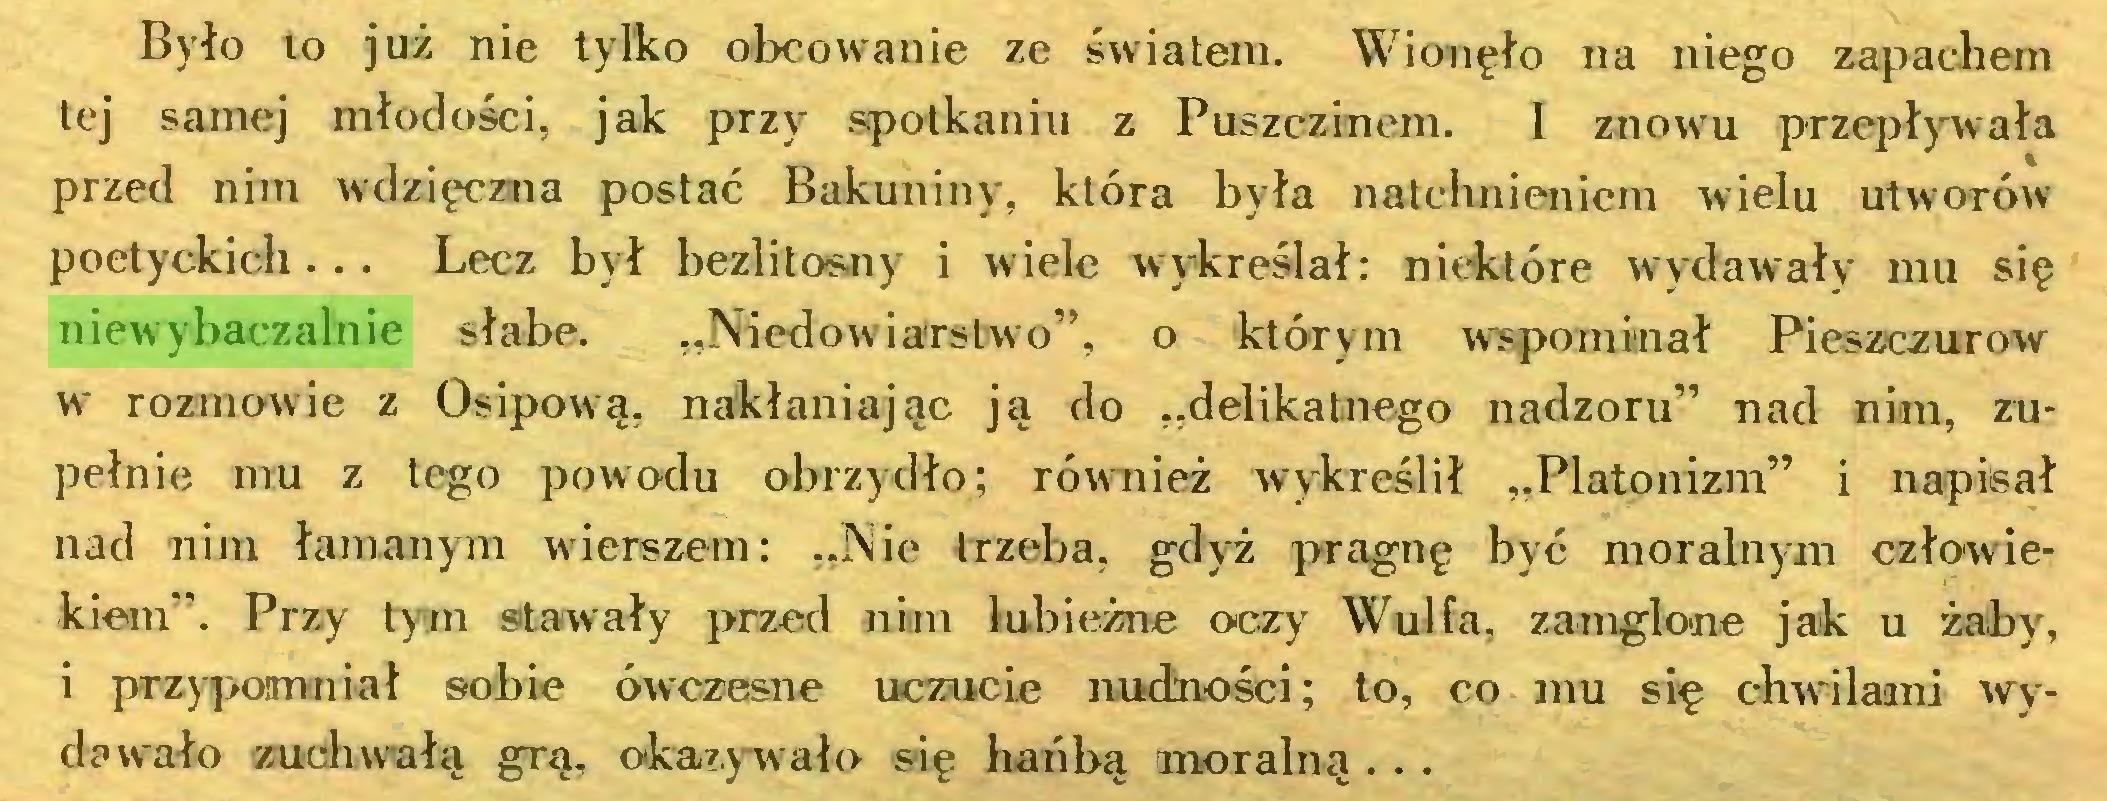 """(...) Było to już nie tylko obcowanie ze światem. Wionęło na niego zapachem tej samej młodości, jak przy spotkaniu z Puszczinem. I znowu przepływała przed nim wdzięczna postać Bakuniny, która była natchnieniem wrielu utworów poetyckich... Lecz był bezlitosny i wiele wykreślał: niektóre wydawały mu się niewybaczalnie słabe. """"Niedowiarstwo"""", o którym wspominał Pieszczurow w rozmowie z Osipową, nakłaniając ją do """"delikatnego nadzoru"""" nad nim, zupełnie mu z tego powodu obrzydło; również wykreślił """"Platonizm"""" i napisał nad nim łamanym wierszem: """"Nie trzeba, gdyż pragnę być moralnym człowiekiem"""". Przy tym stawały przed nim lubieżne oczy Wulfa, zamglone jak u żalby, i przypomniał sobie ówczesne uczucie nudności; to, co mu się chwilami wydawało zuchwałą grą, okazywało się hańbą moralną . . ..."""